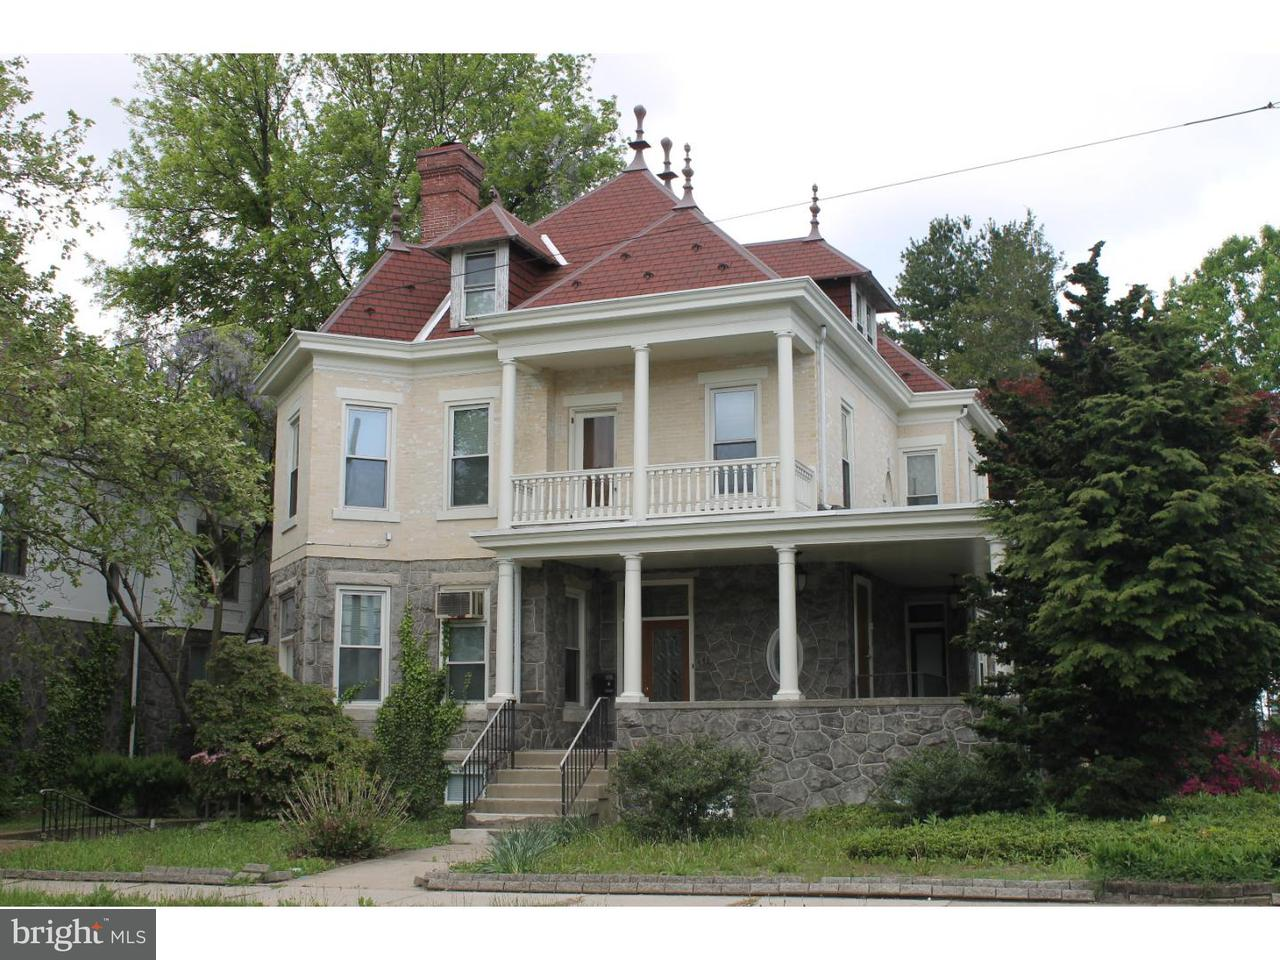 Частный односемейный дом для того Аренда на 44 N 15TH ST #2B Allentown, Пенсильвания 18102 Соединенные Штаты